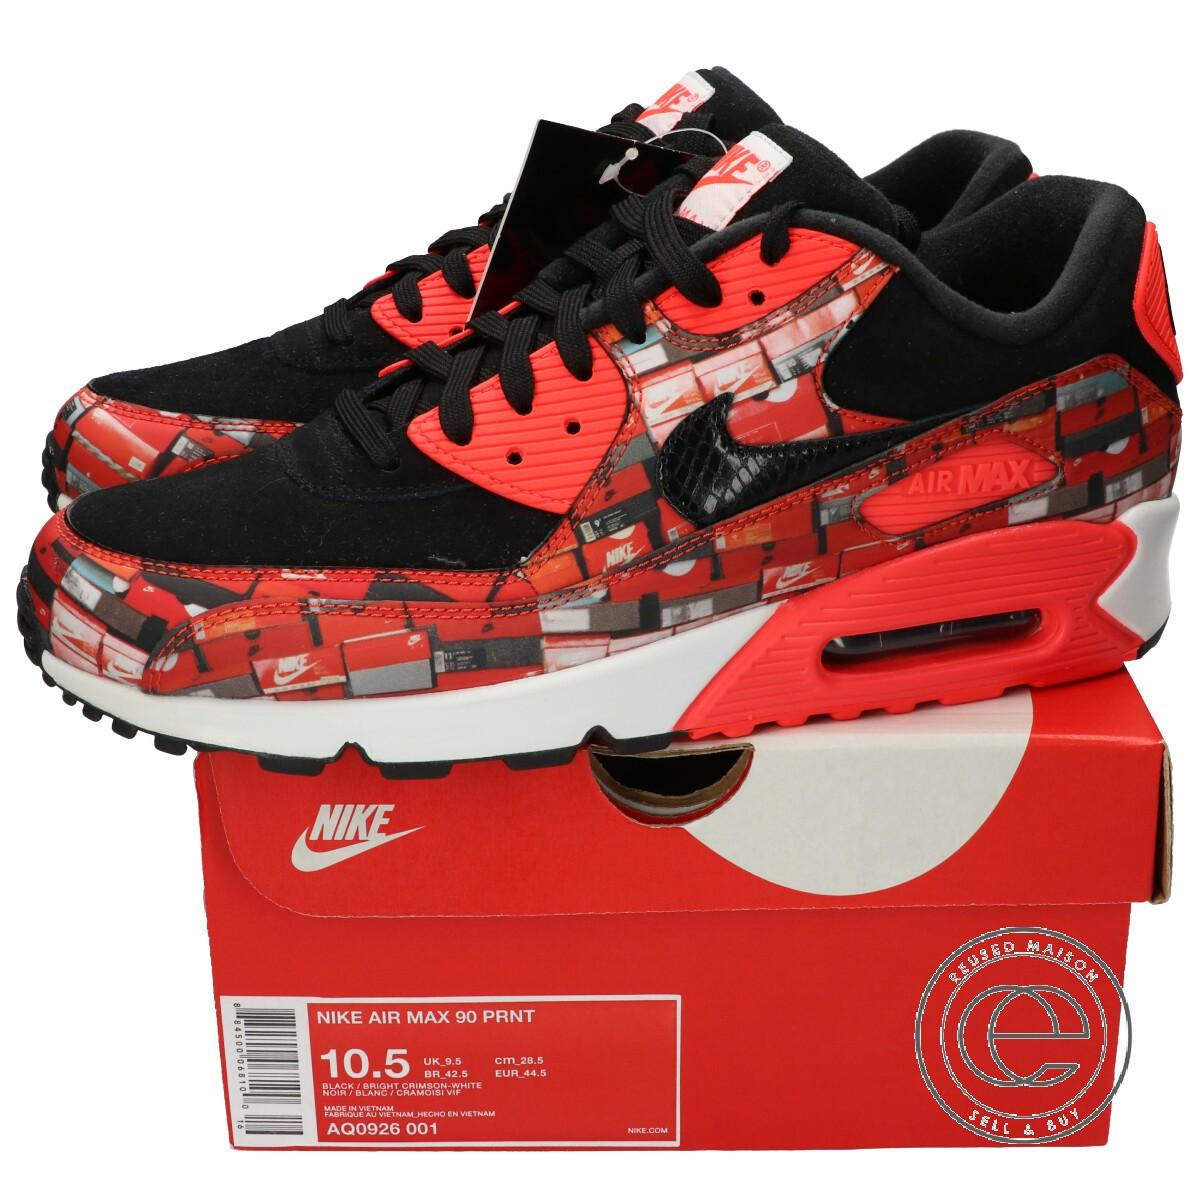 NIKE Nike AQ0926 001 AIR MAX 90 PRNT Air Max 90 print sneakers 28.5cm BLACKBRIGHT CRIMSON WHITE men